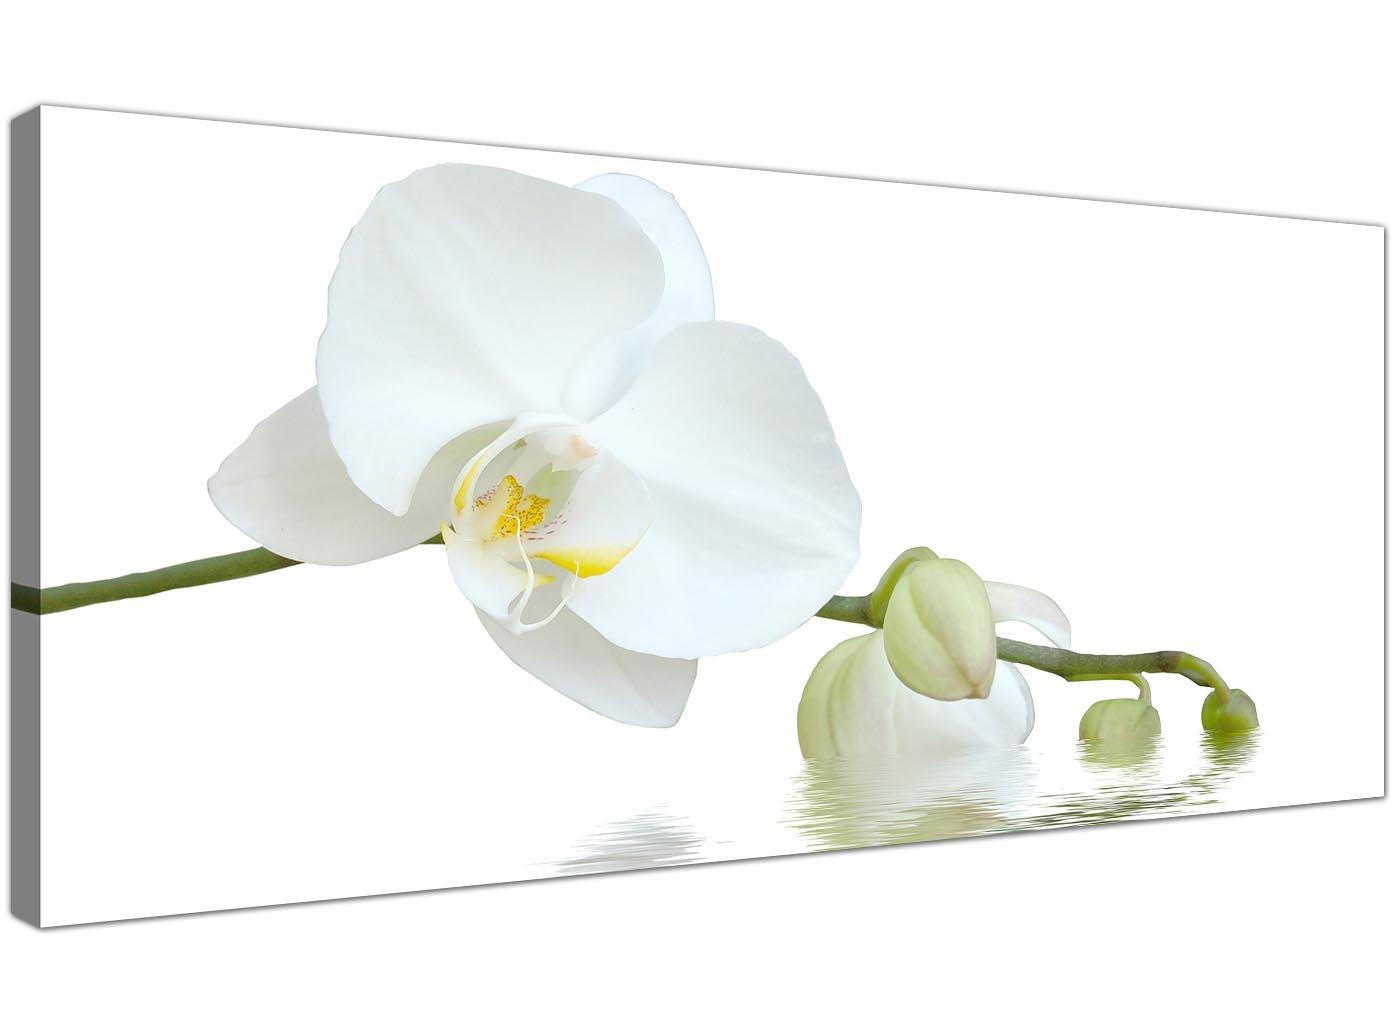 Wallfillers Modernes Leinwand Prints of weiß Orchideen für Ihr Wohnzimmer–breit floral Art Wand–1134